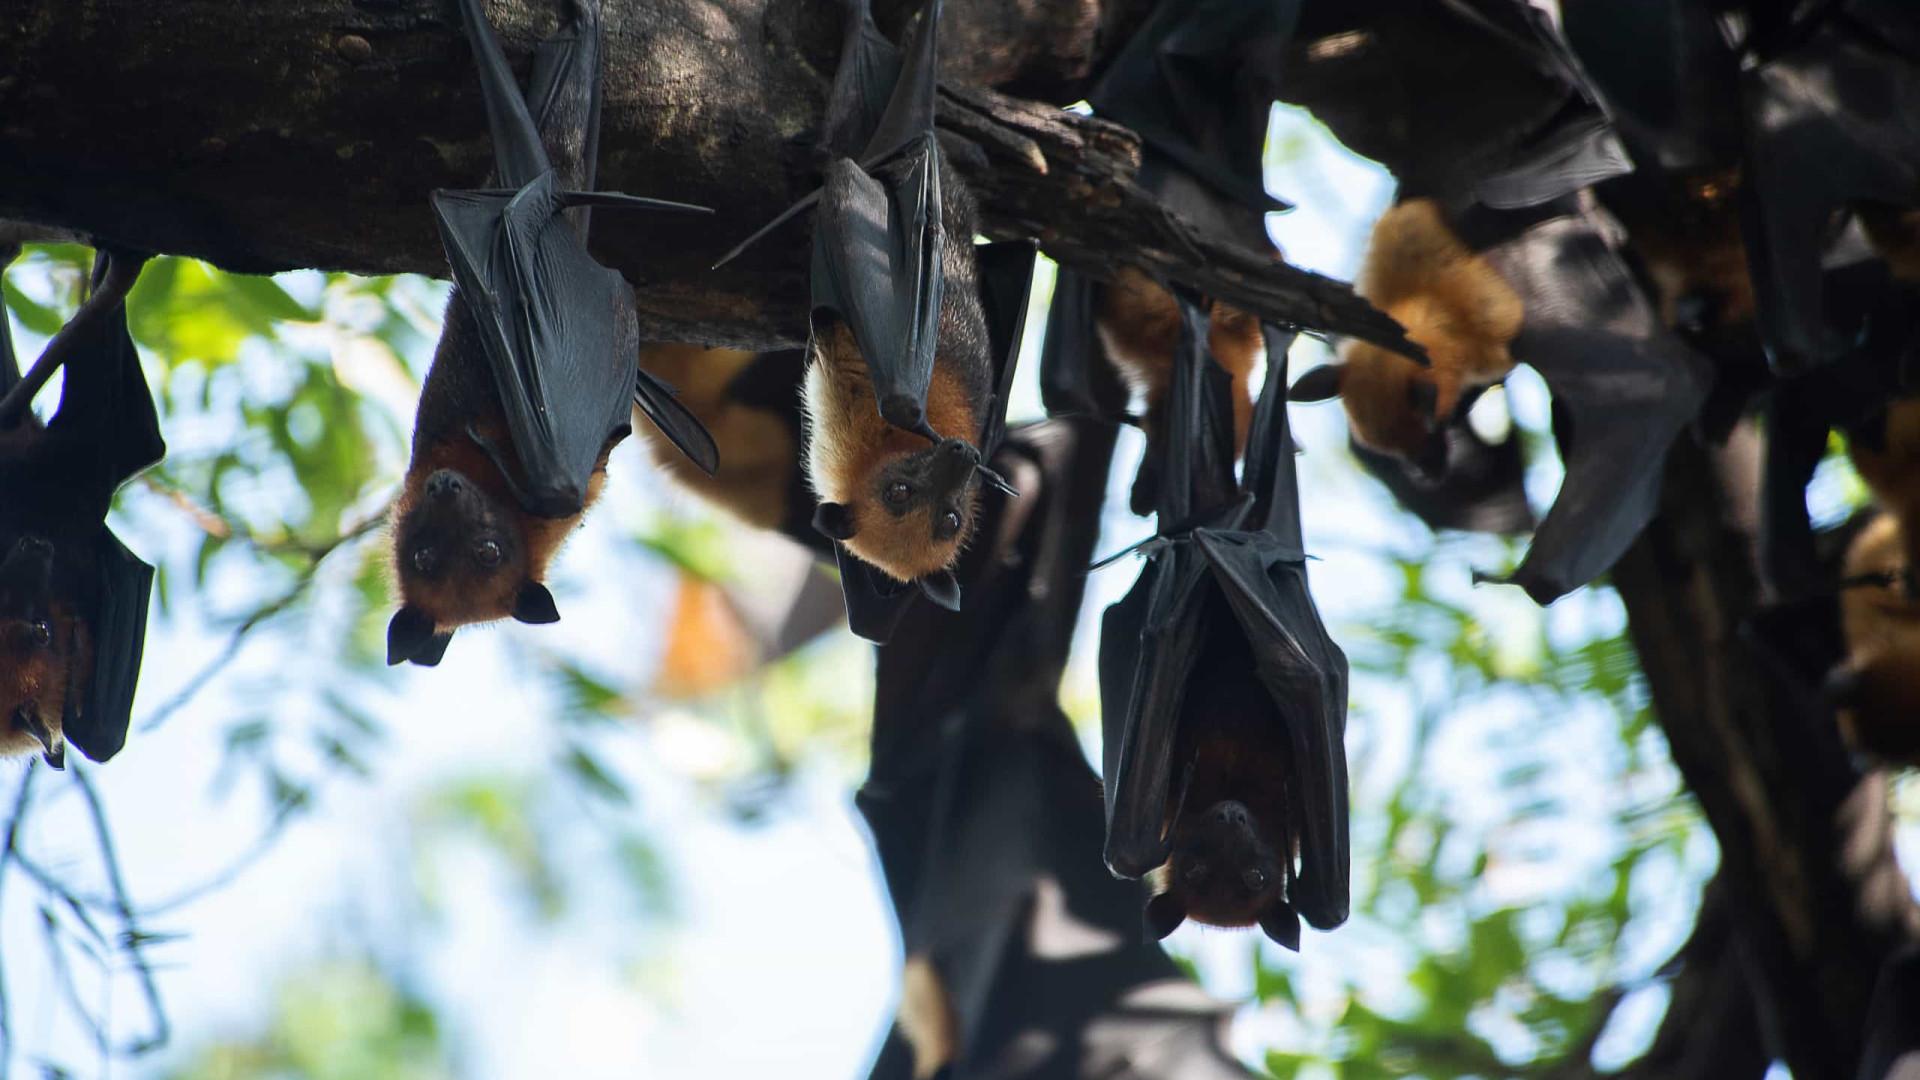 Maioria das doenças infecciosas tem origem em animais selvagens